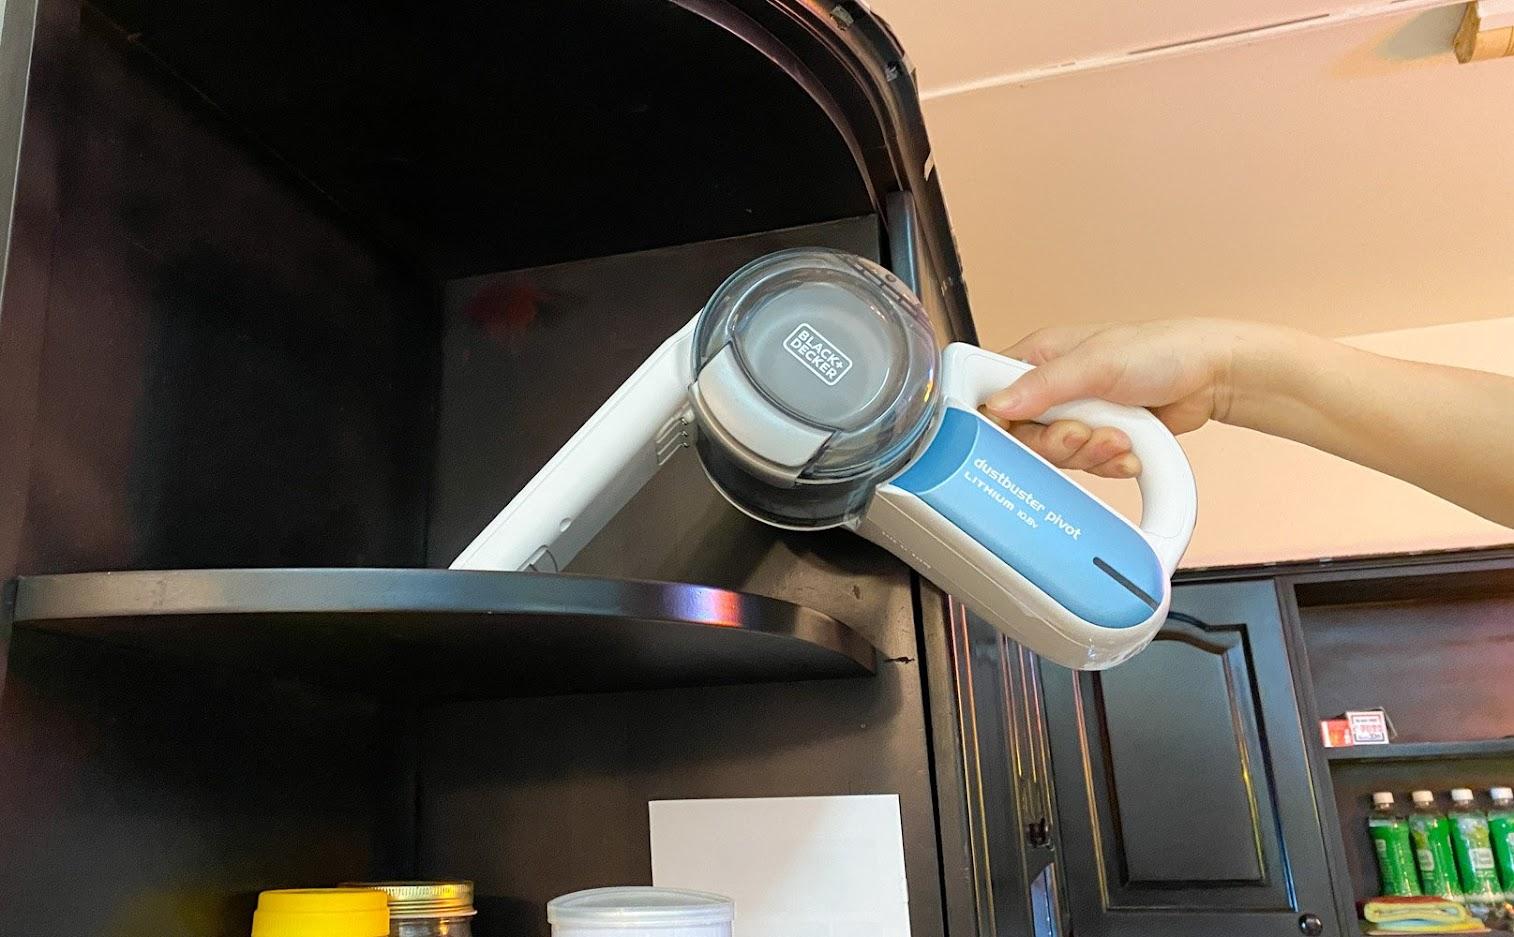 Đánh giá máy hút bụi cầm tay Black+Decker Dust Buster Pivot PV1020